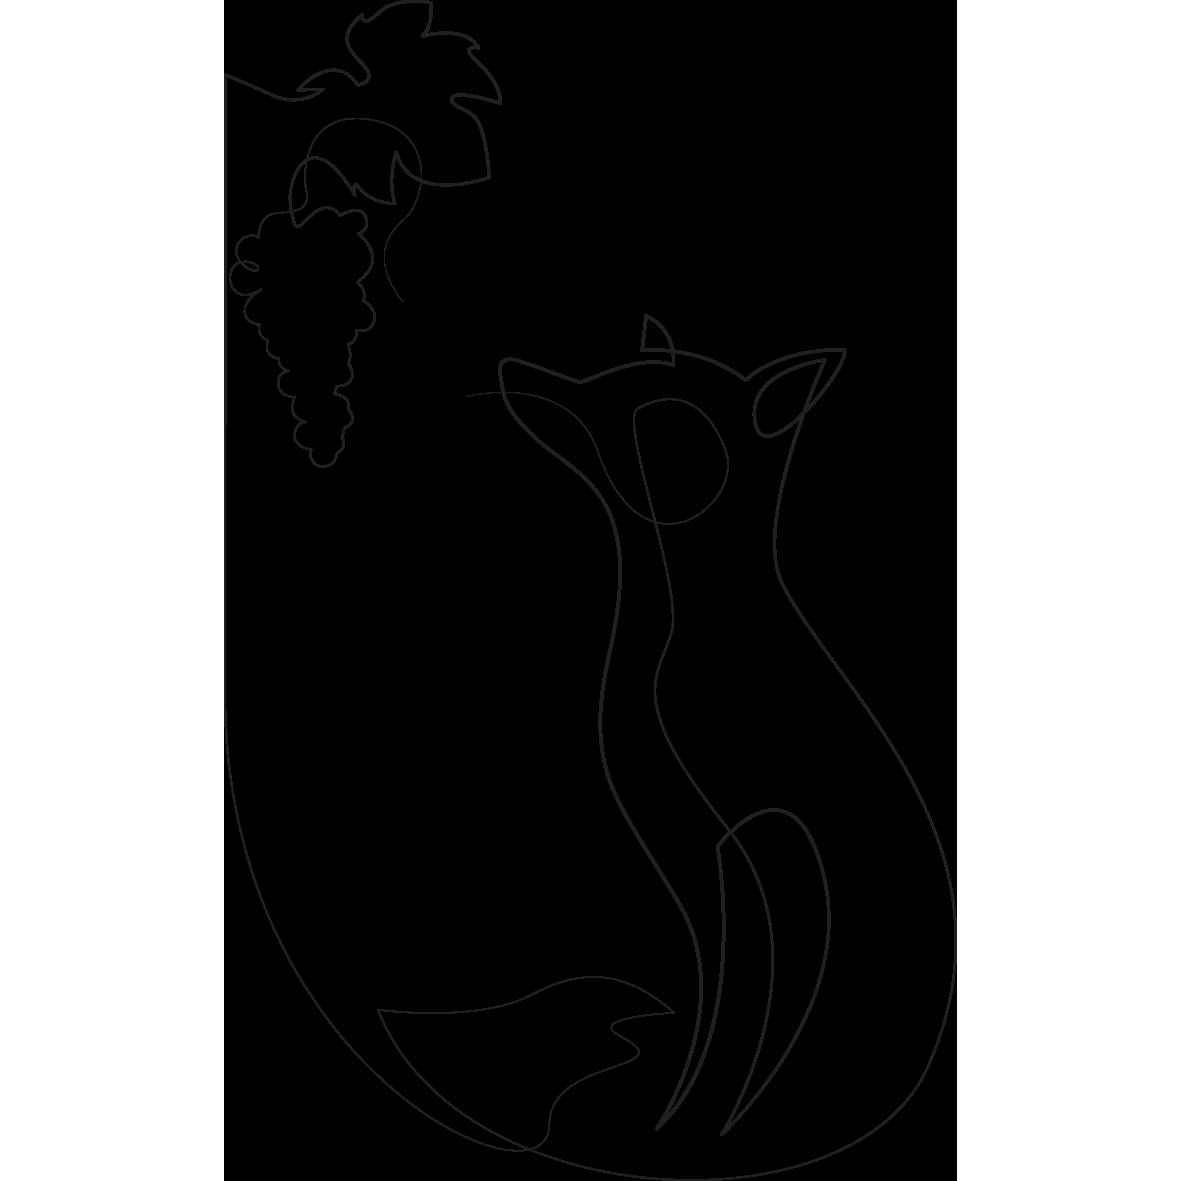 La favola della volpe e dell'uva è un ottimo esempio di come con Esopo si possa spiegare la teoria psicologica con facilità